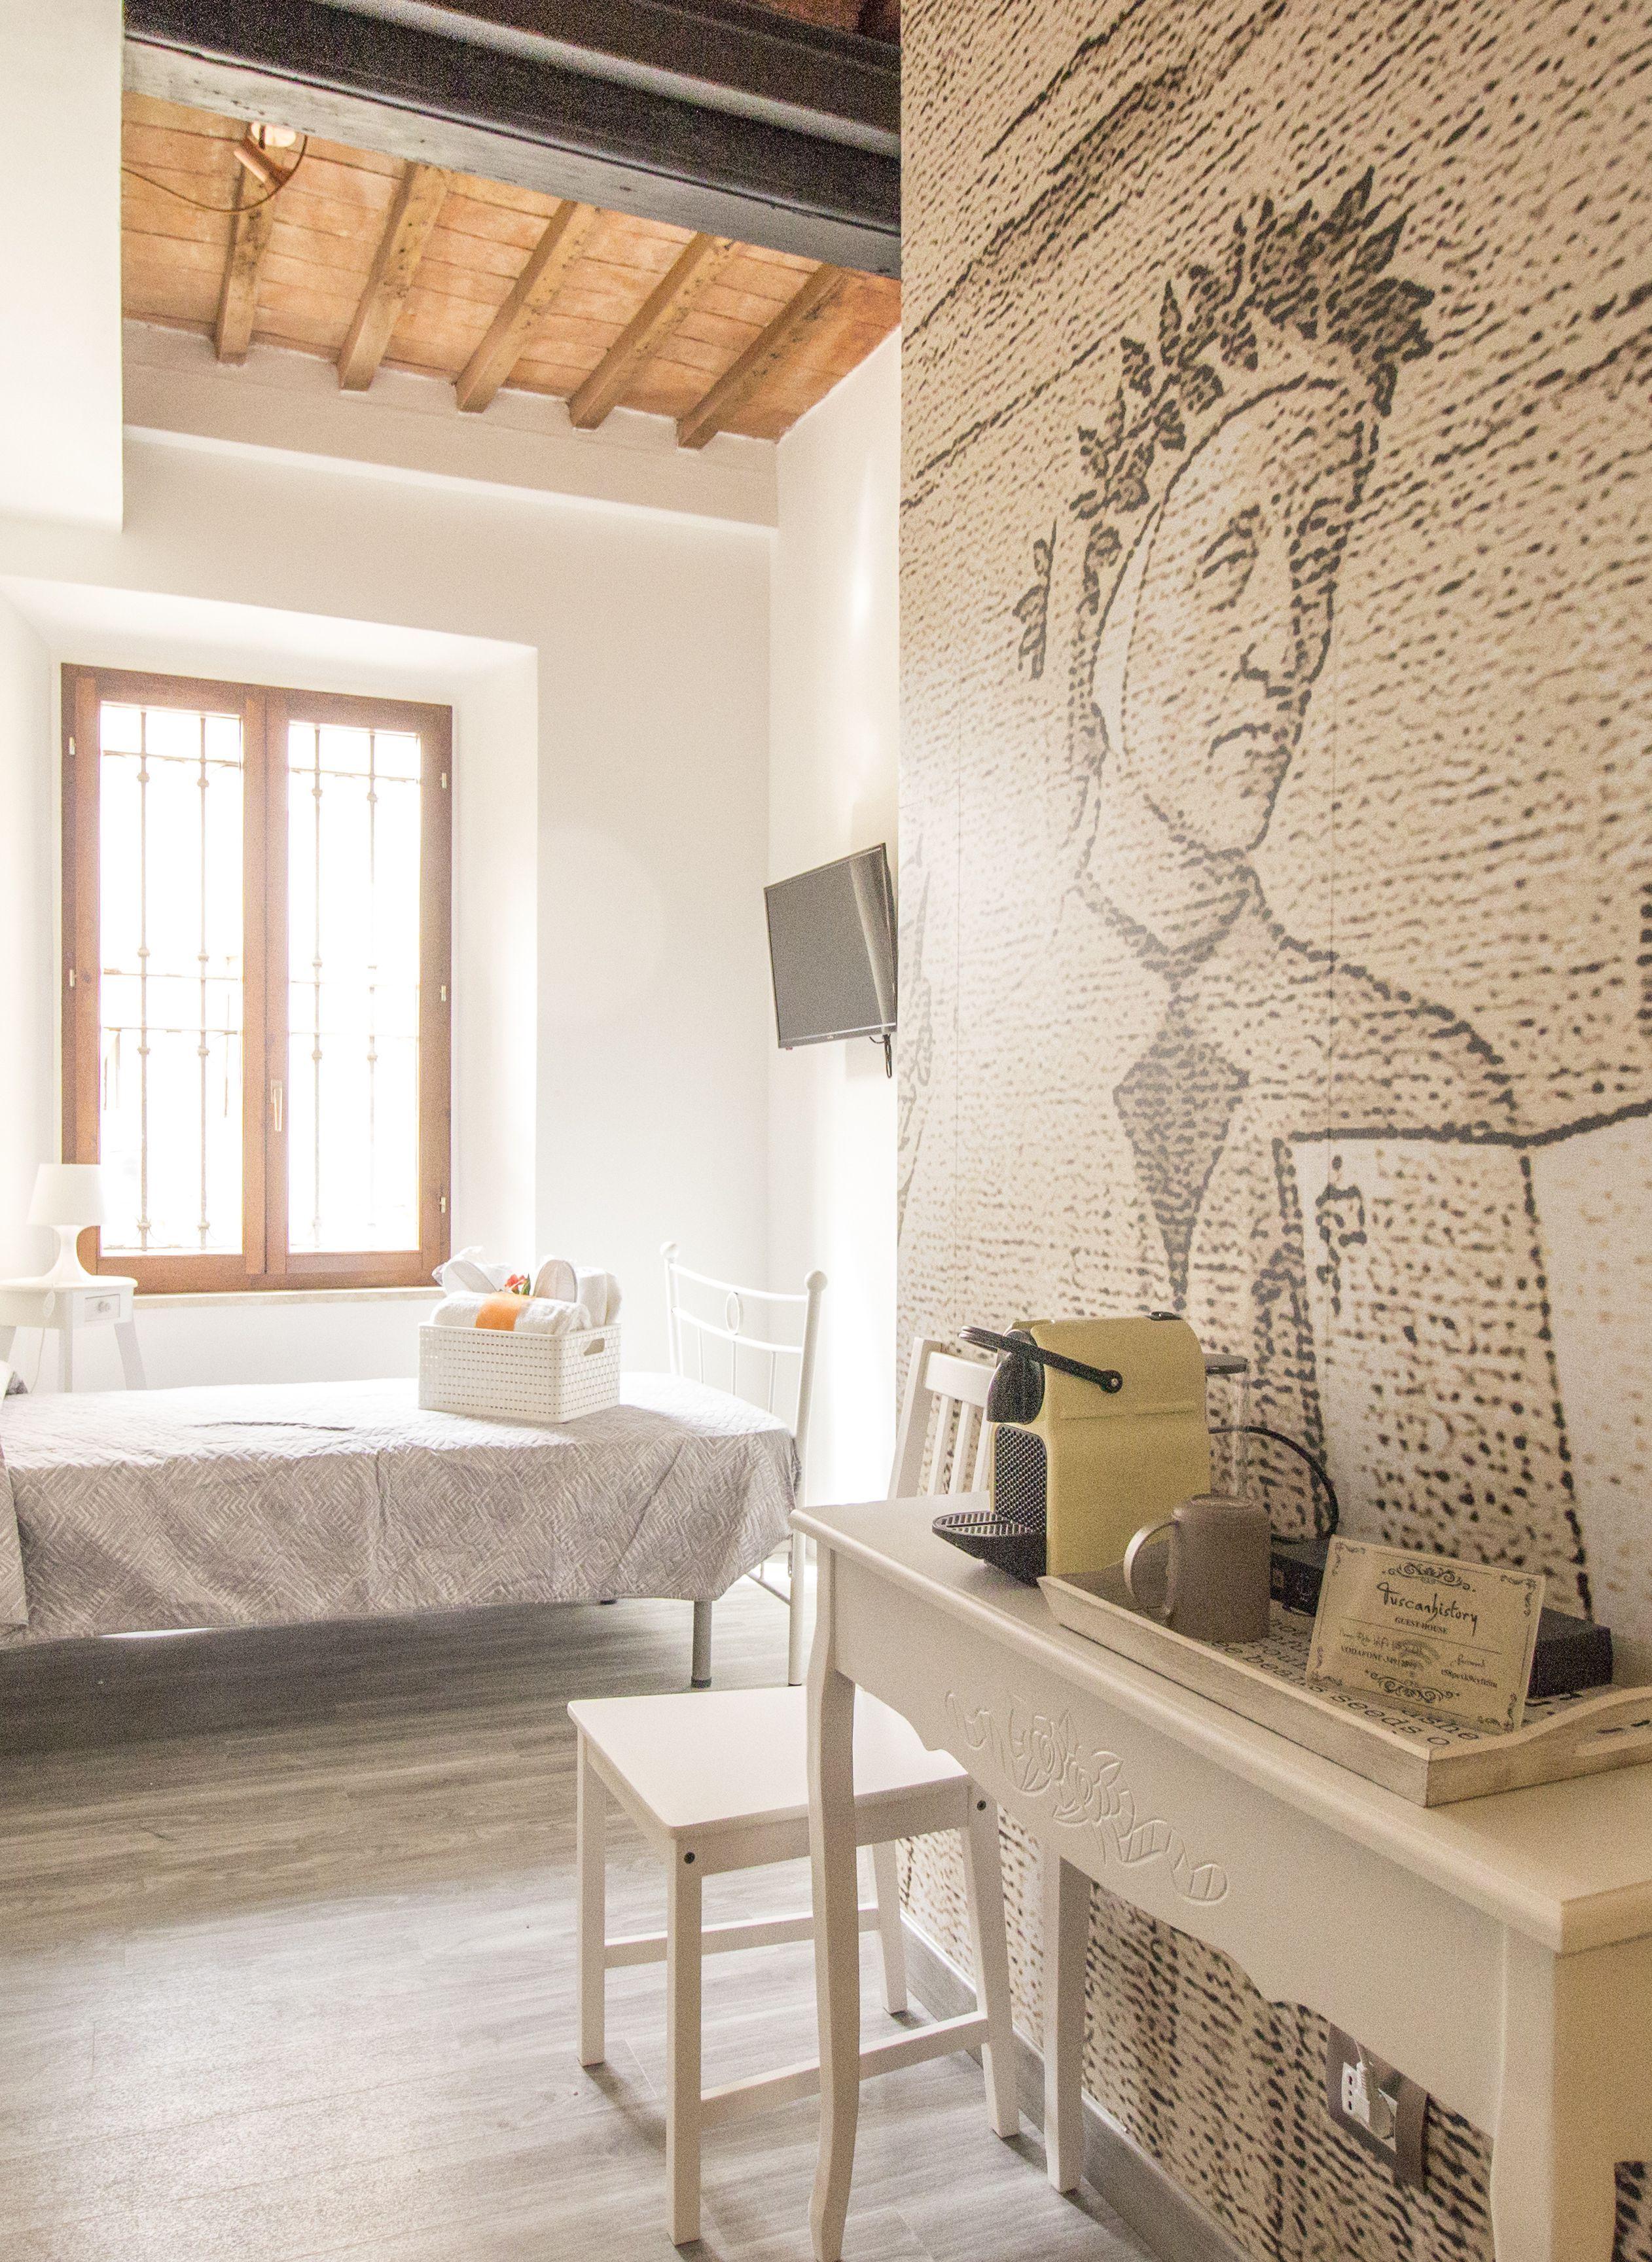 La camera Dante. Poetica e ispirata alla semplice bellezza della ...